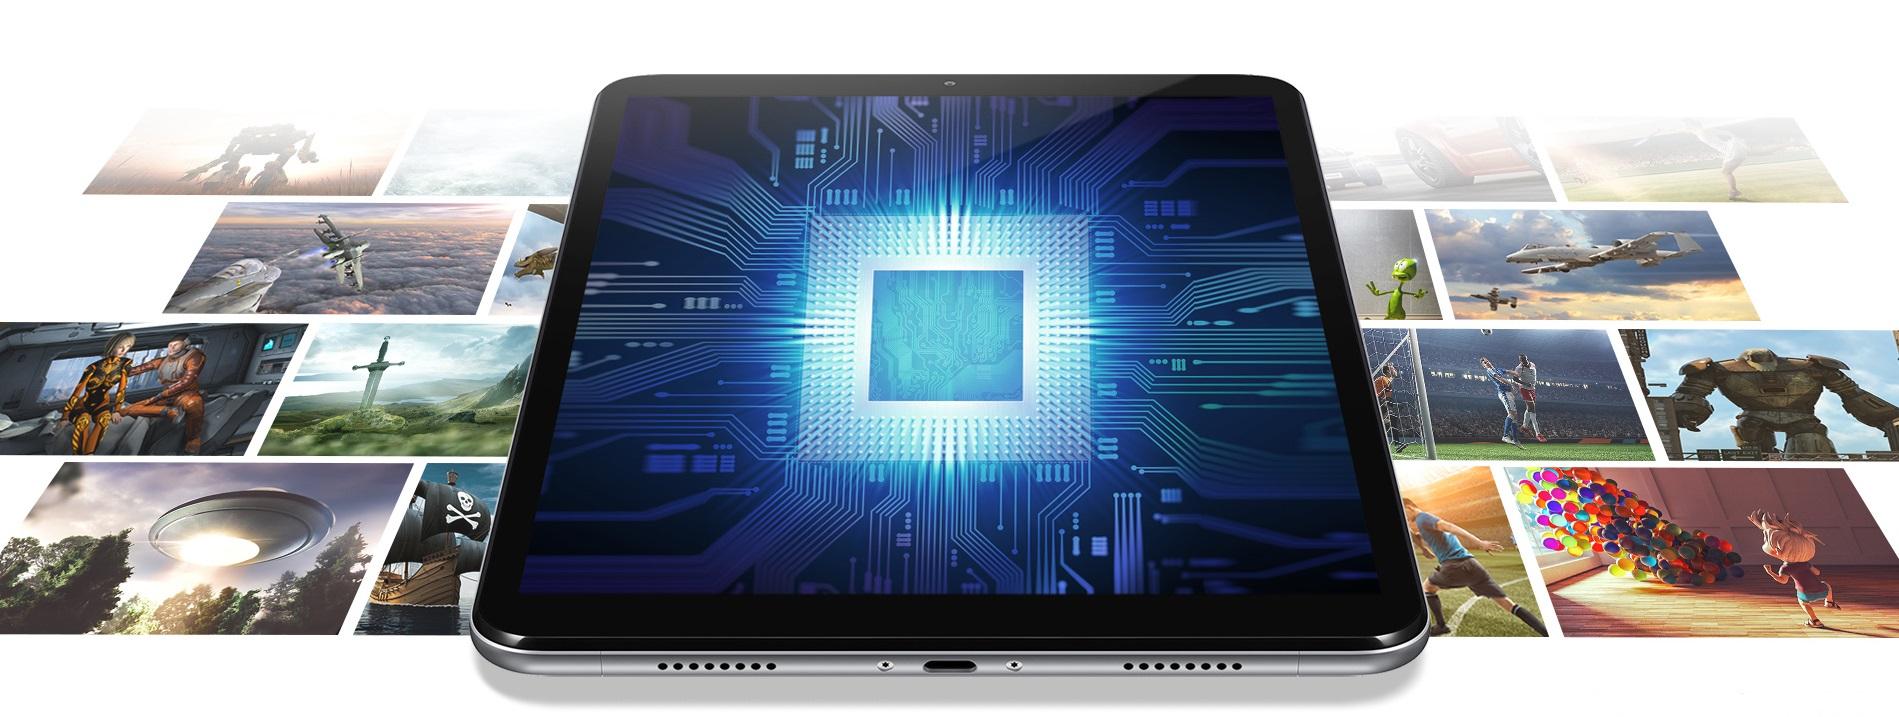 tablet LG G Pad 5 10.1 FHD